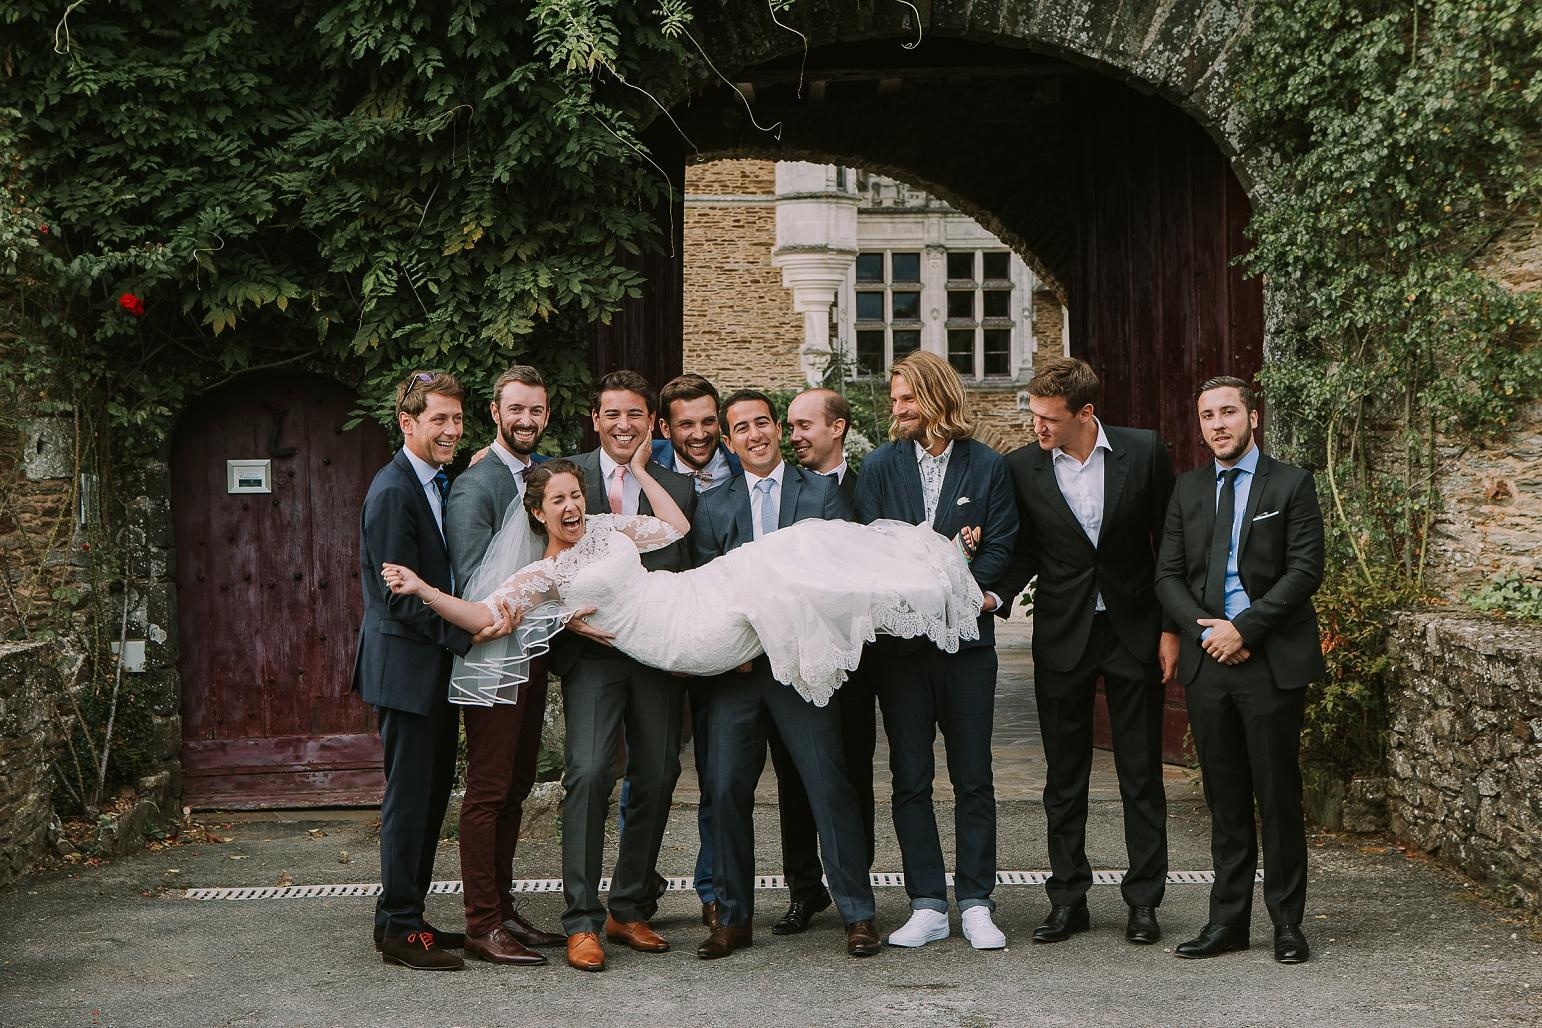 kateryna-photos-mariage-wedding-france-bretagne-pays-de-la-loire-chateau-de-la-colaissiere-st-sauveur-de-landemont_0067.jpg